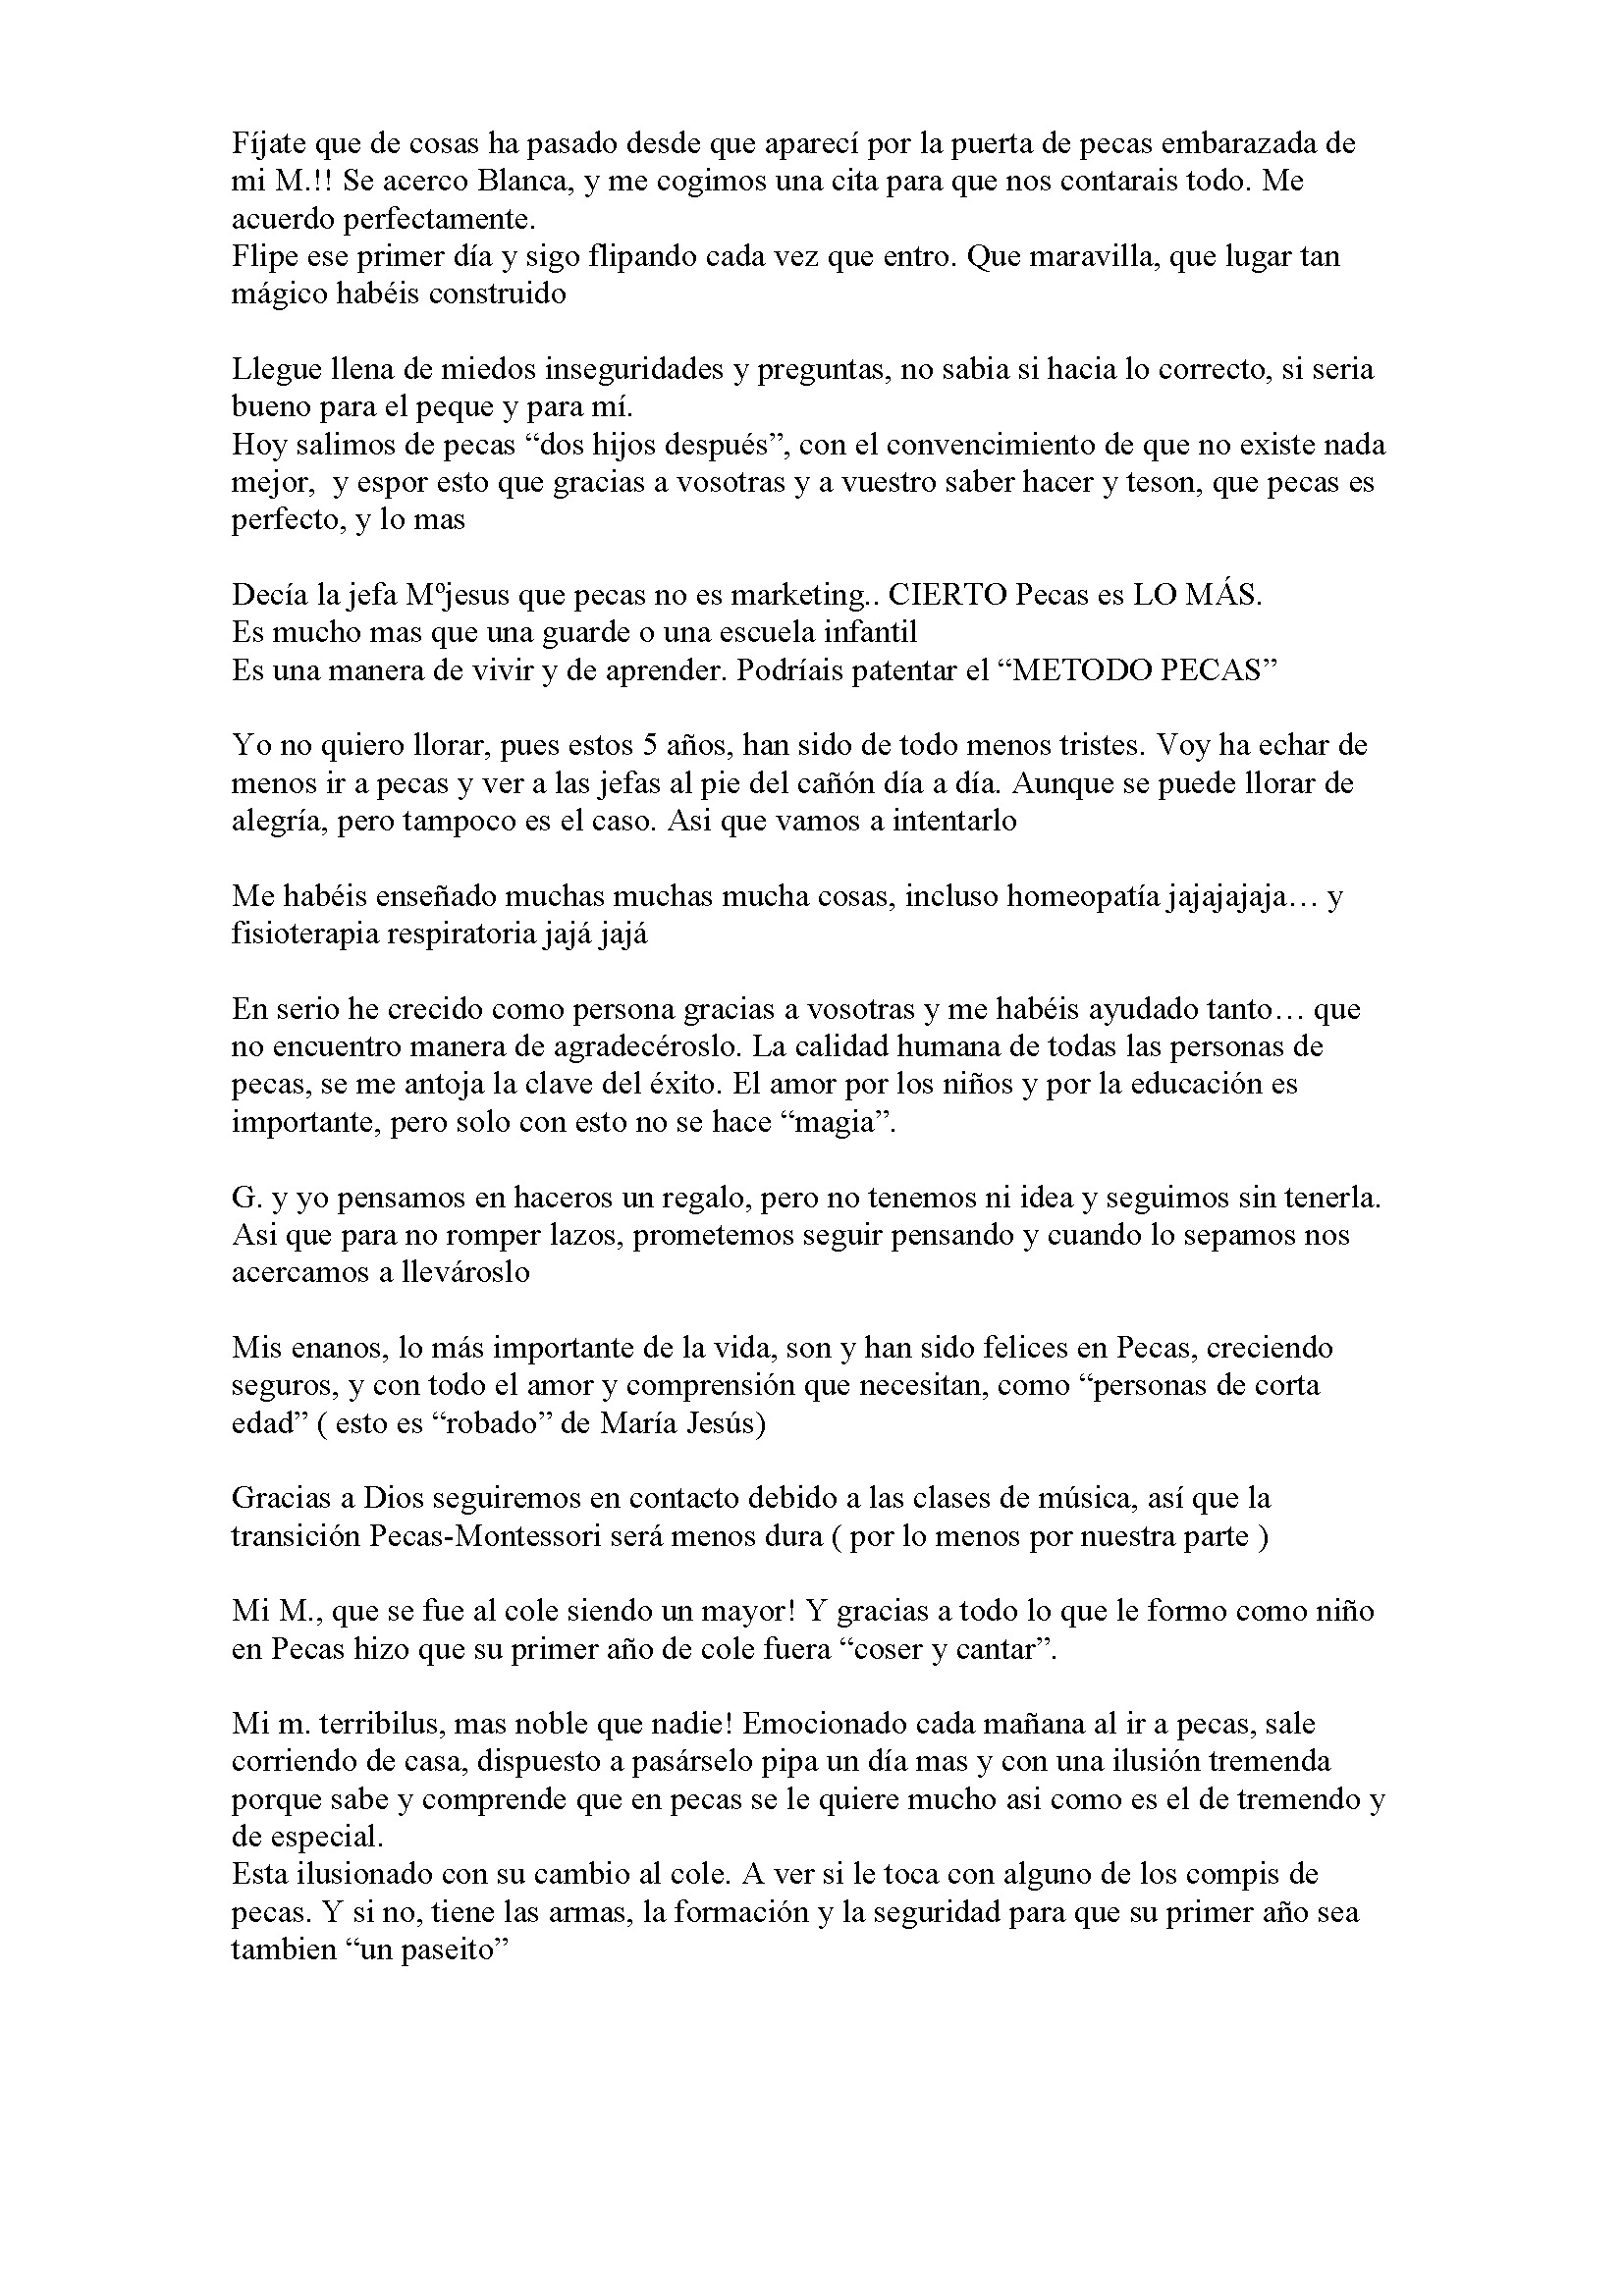 carta_pecas_Página_2